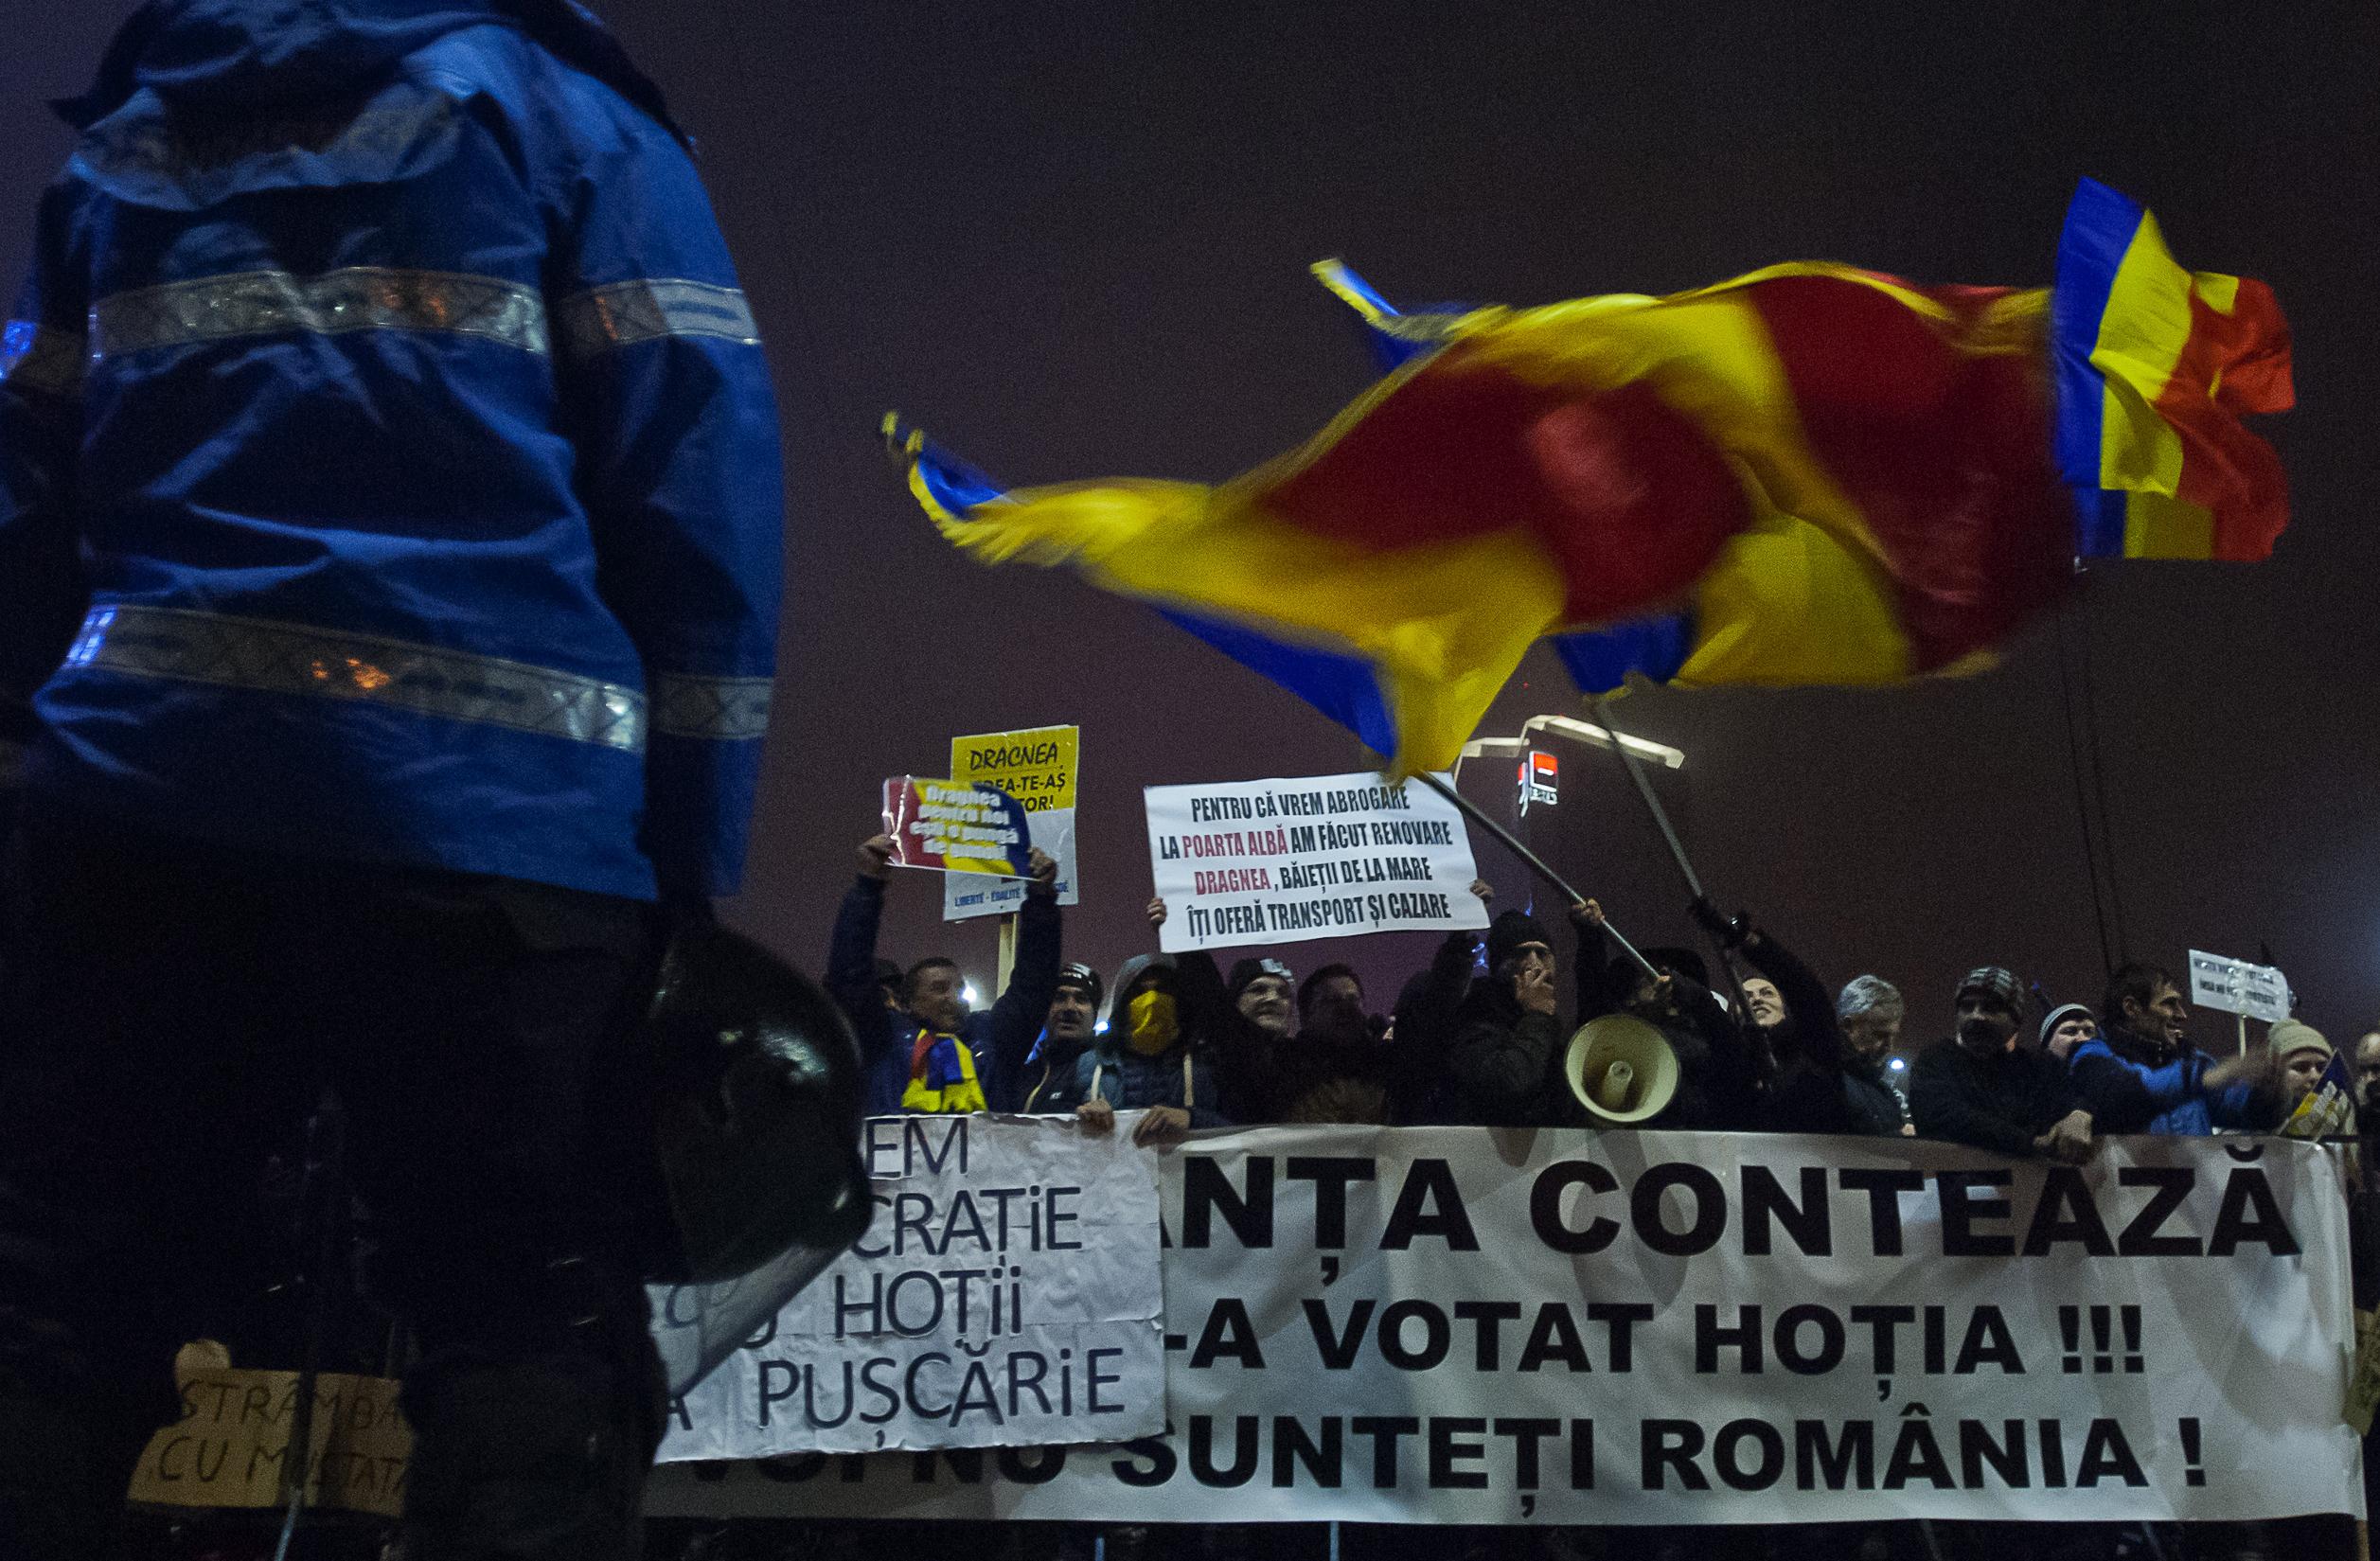 PROTESTE masive sunt anunţate astăzi în Bucureşti şi în peste 80 de oraşe din ţară şi străinătate. Lista COMPLETĂ a manifestaţiilor